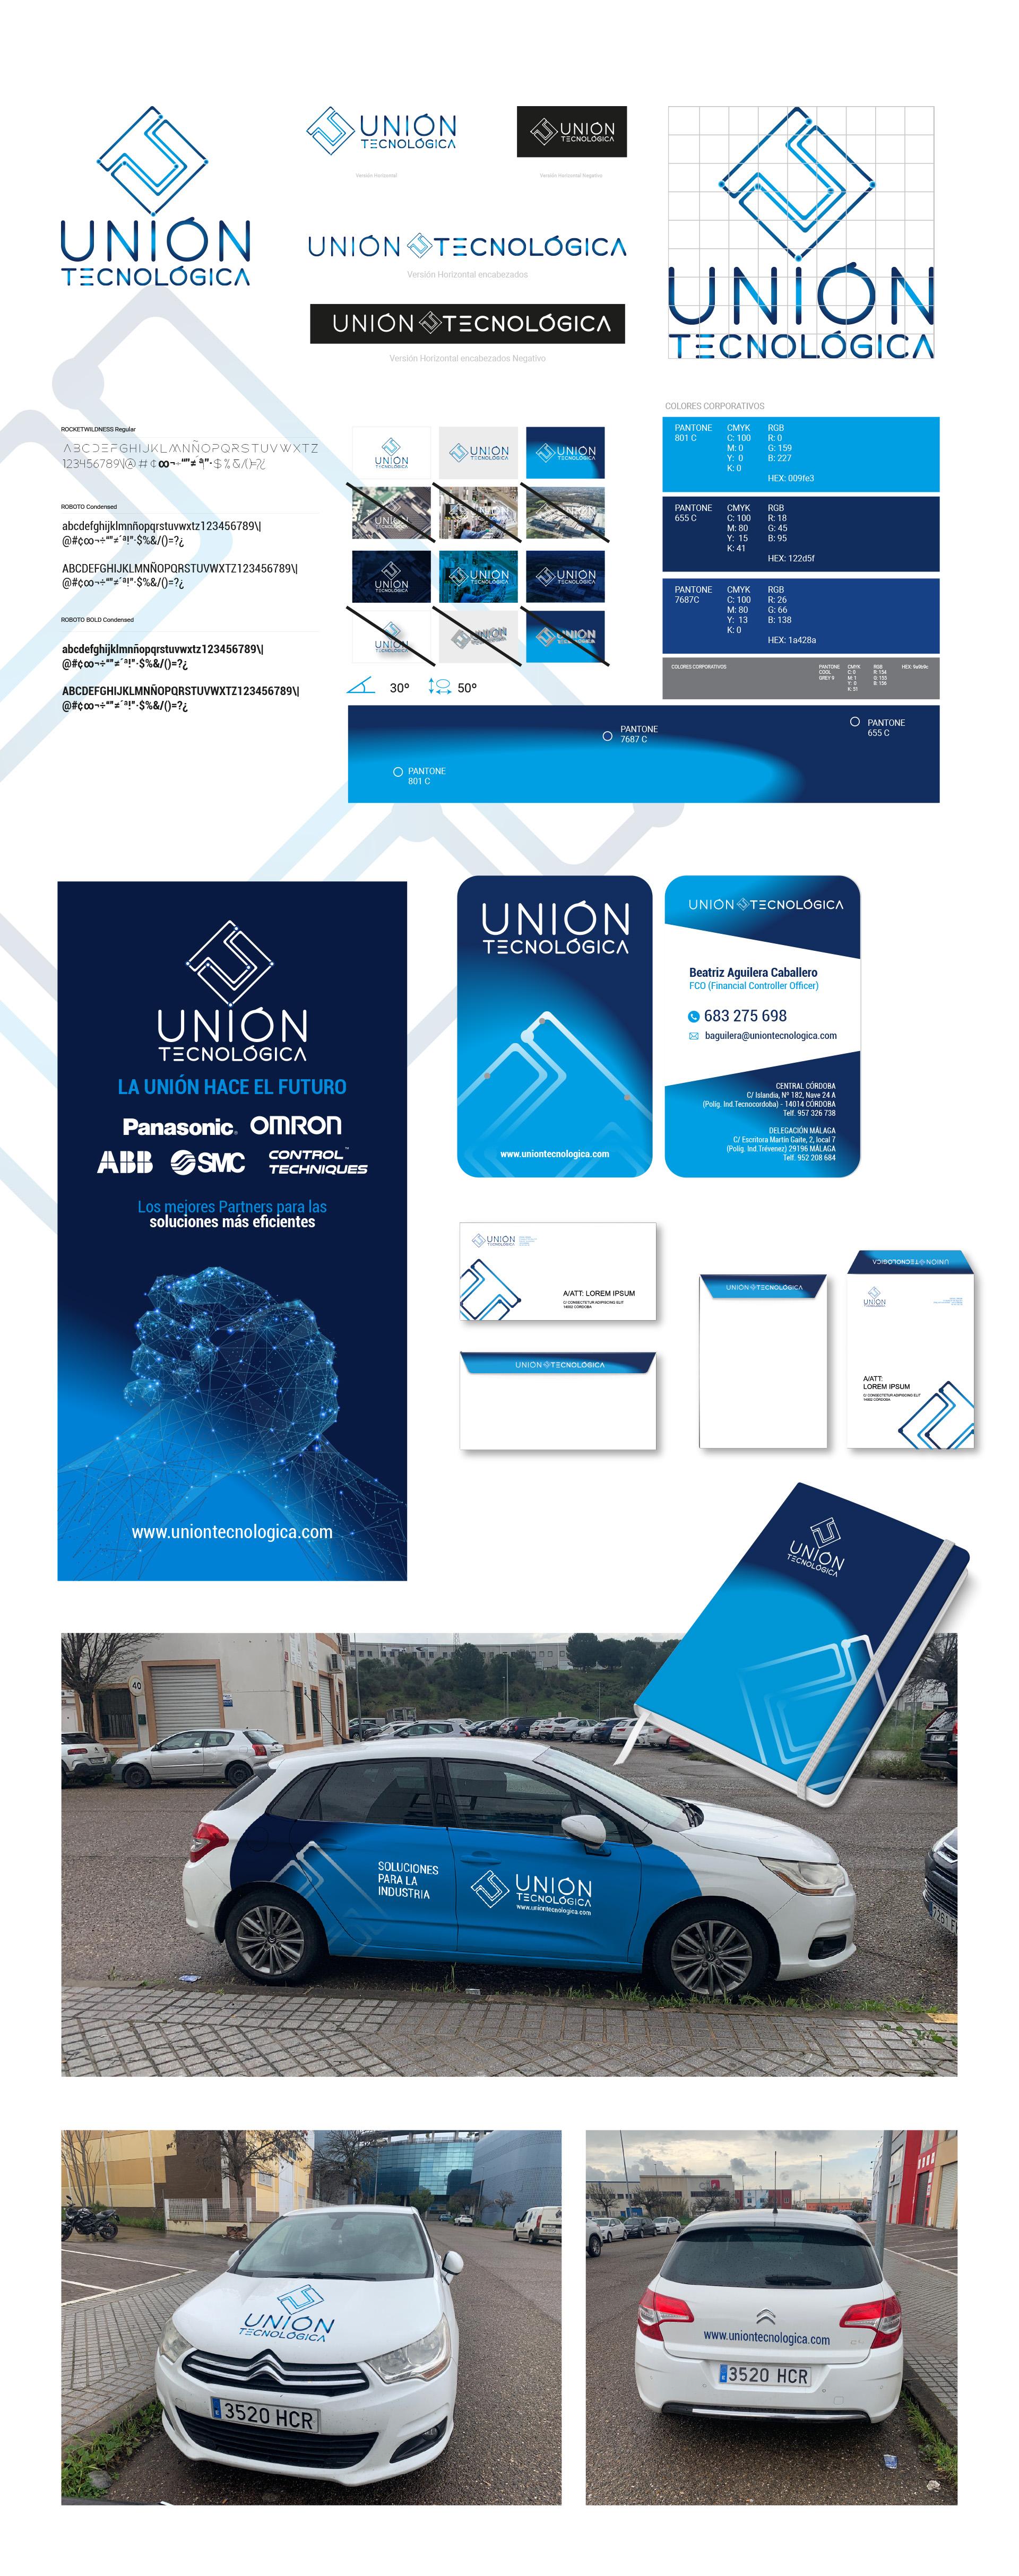 Unión Tecnológica – Imagen Corporativa